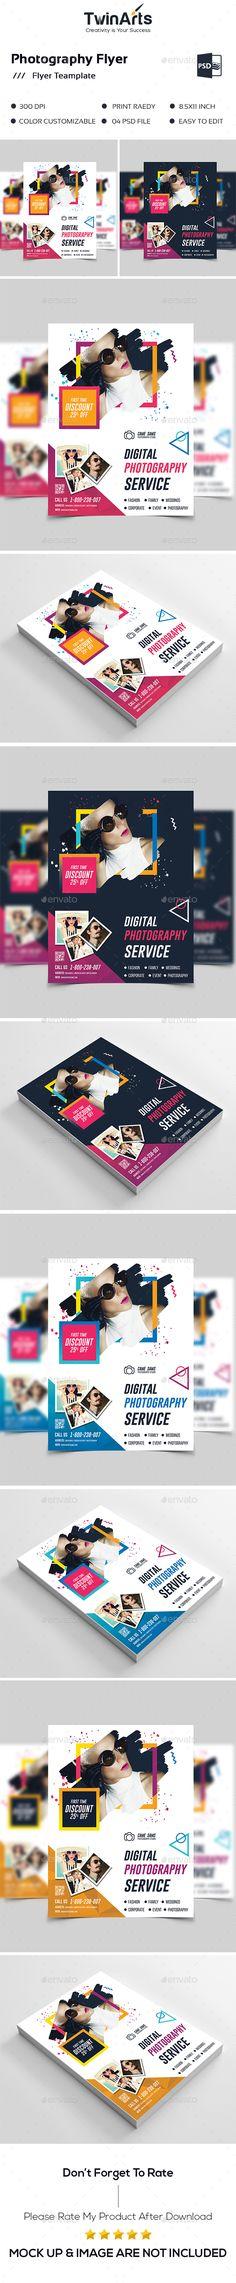 Photography Flyer. - Flyers Print Templates Brochure Template, Flyer Template, Banner Design, Flyer Design, Photography Flyer, Wedding Photography, Flyer Printing, Print Templates, Graphic Design Inspiration